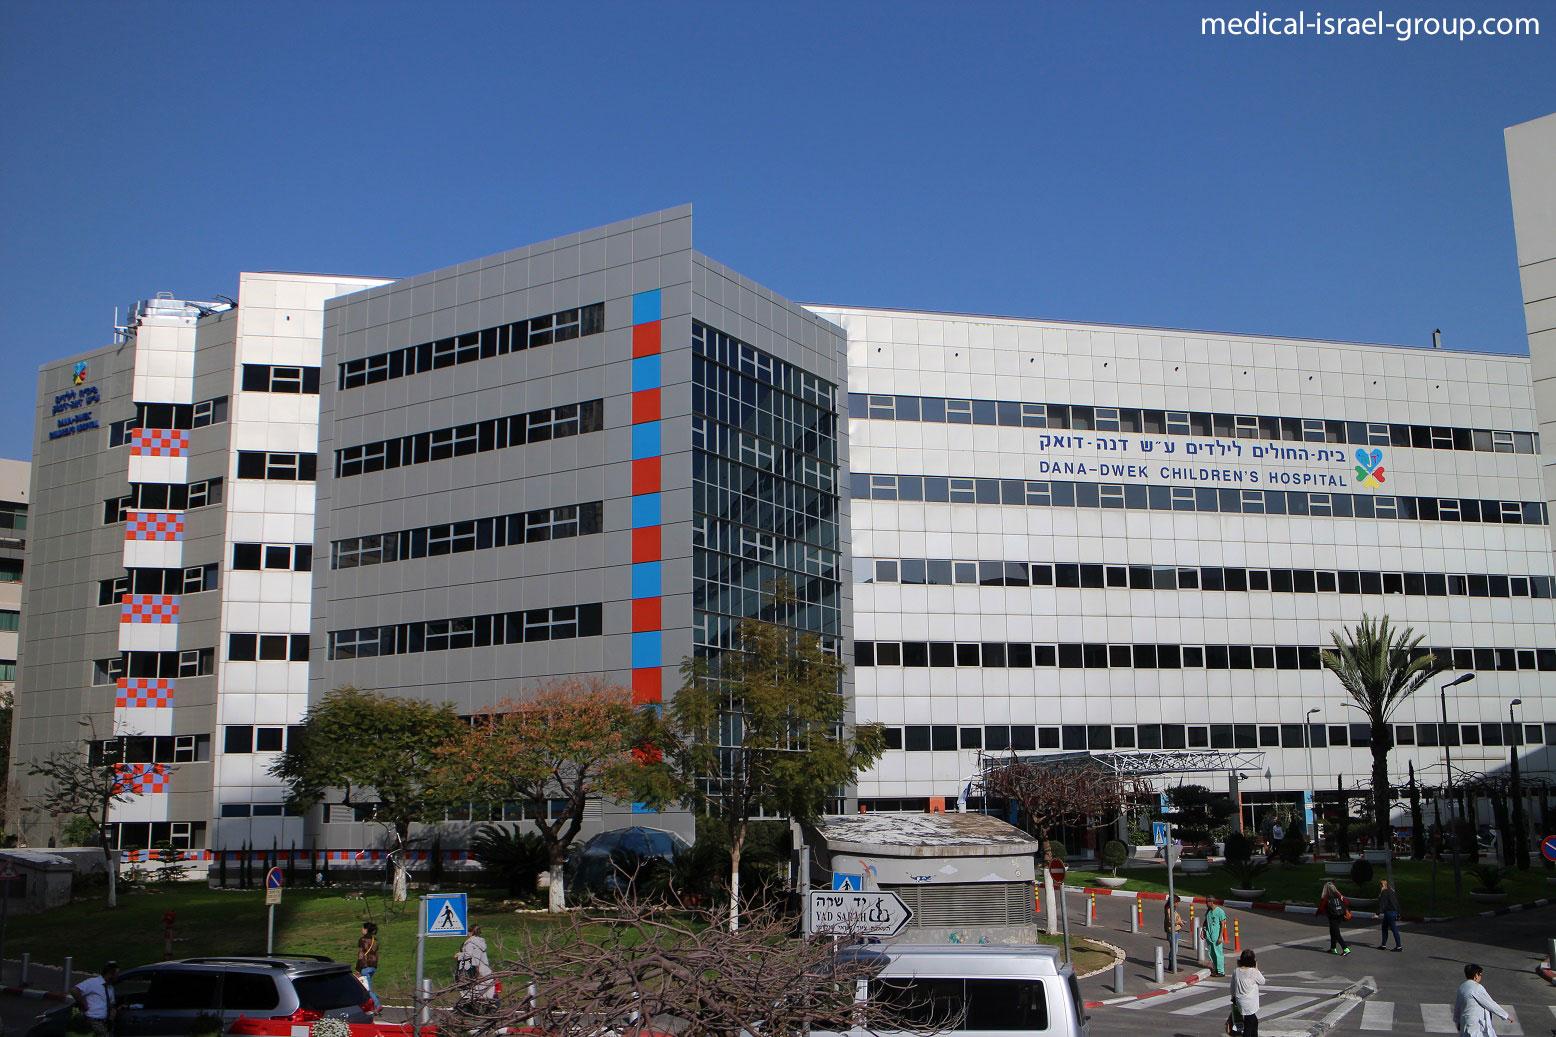 клиника Ихилов-Сураски, Тель-Авив, Израиль